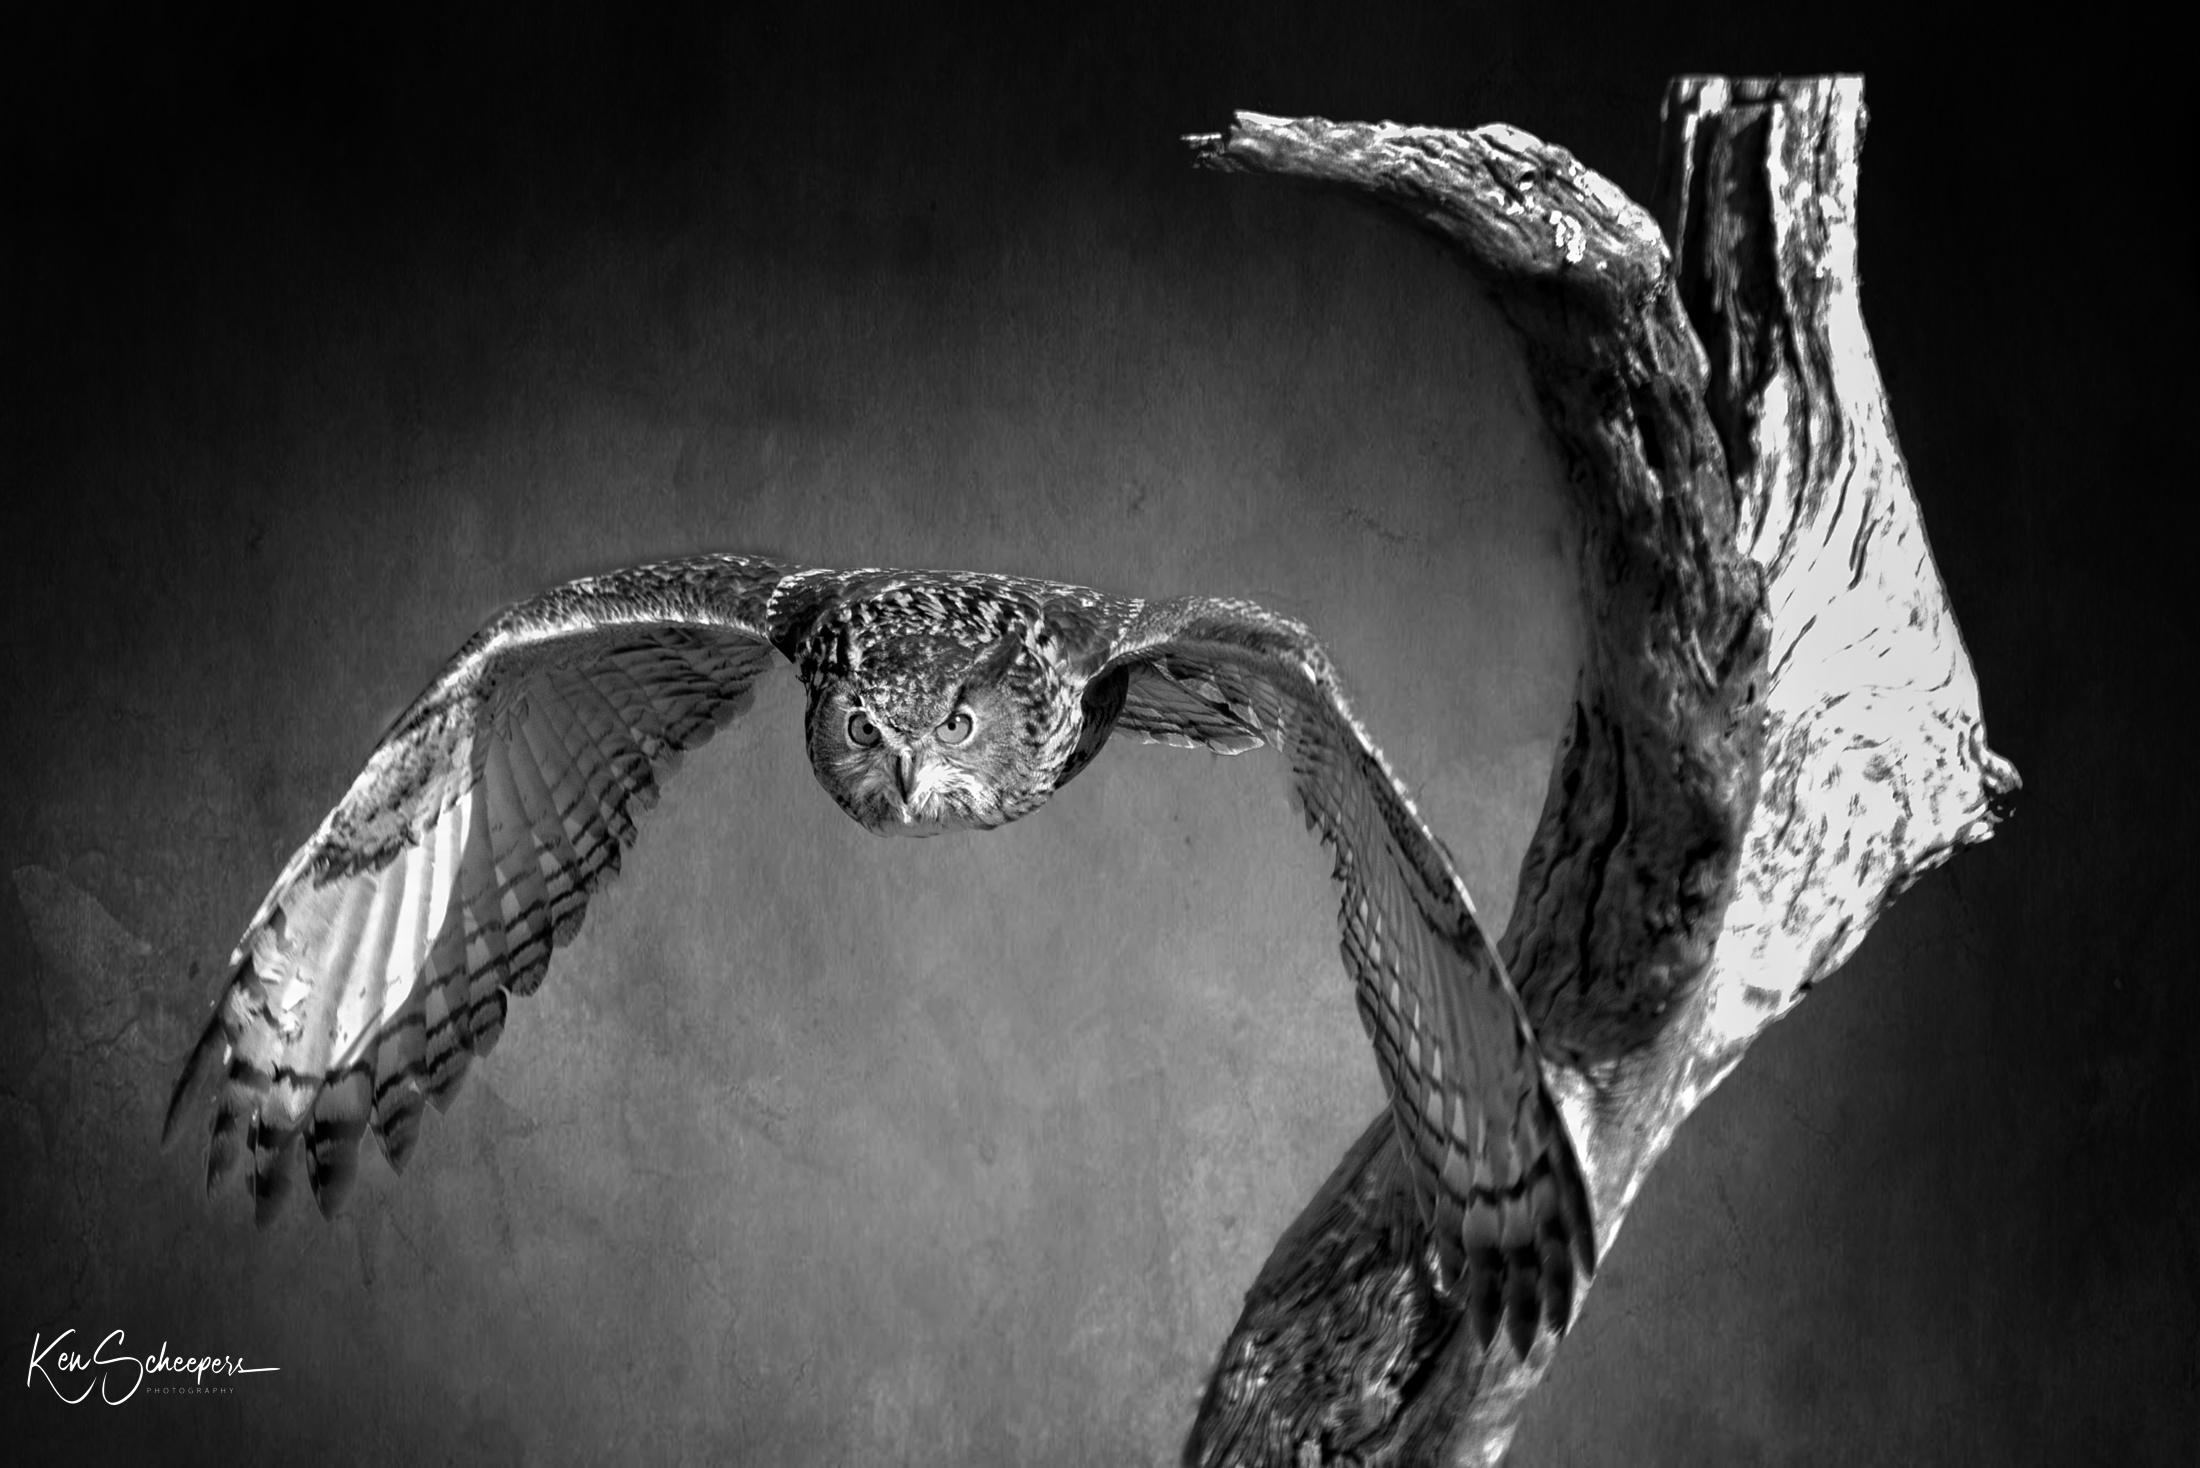 2018 shot of an Eurasian Owl